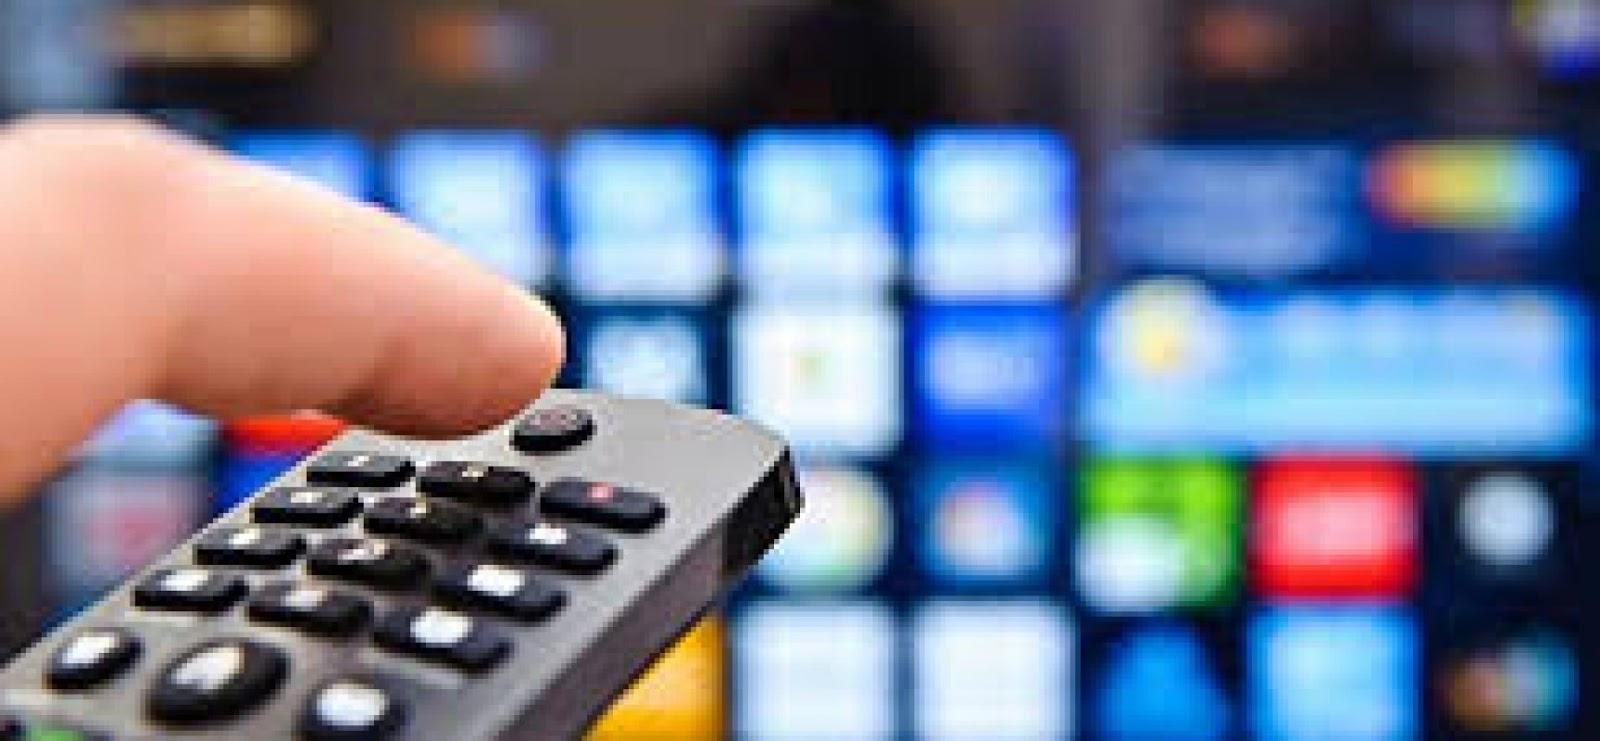 Επιχορήγηση 110 ευρώ για εξοπλισμό τηλεοπτικής κάλυψης σε οικισμούς του Δήμου Ελασσόνας